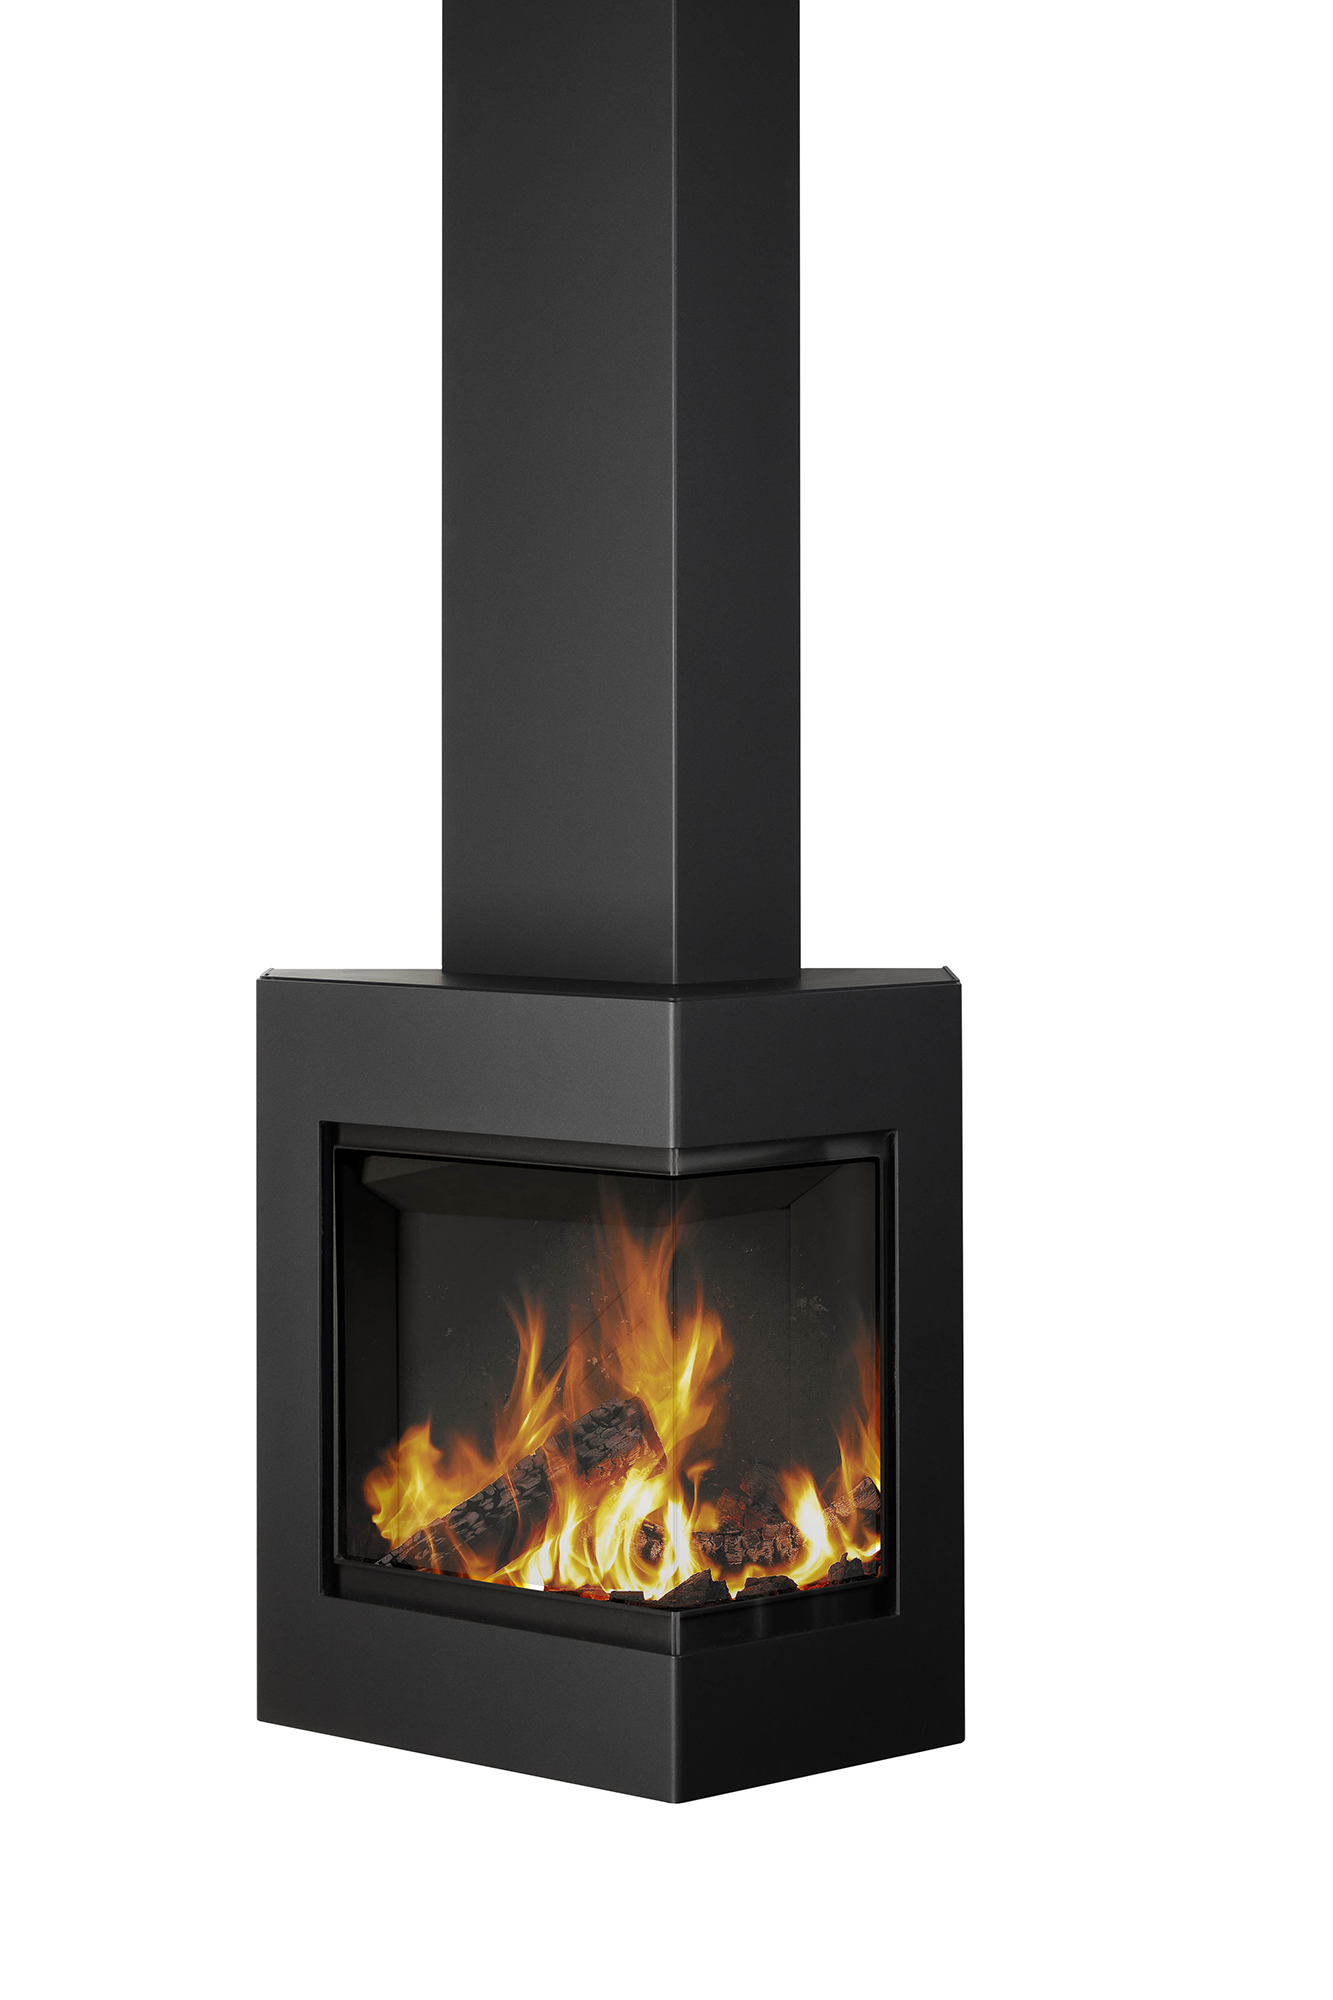 Harrie Leenders Boxer Black Wood Burning Stove